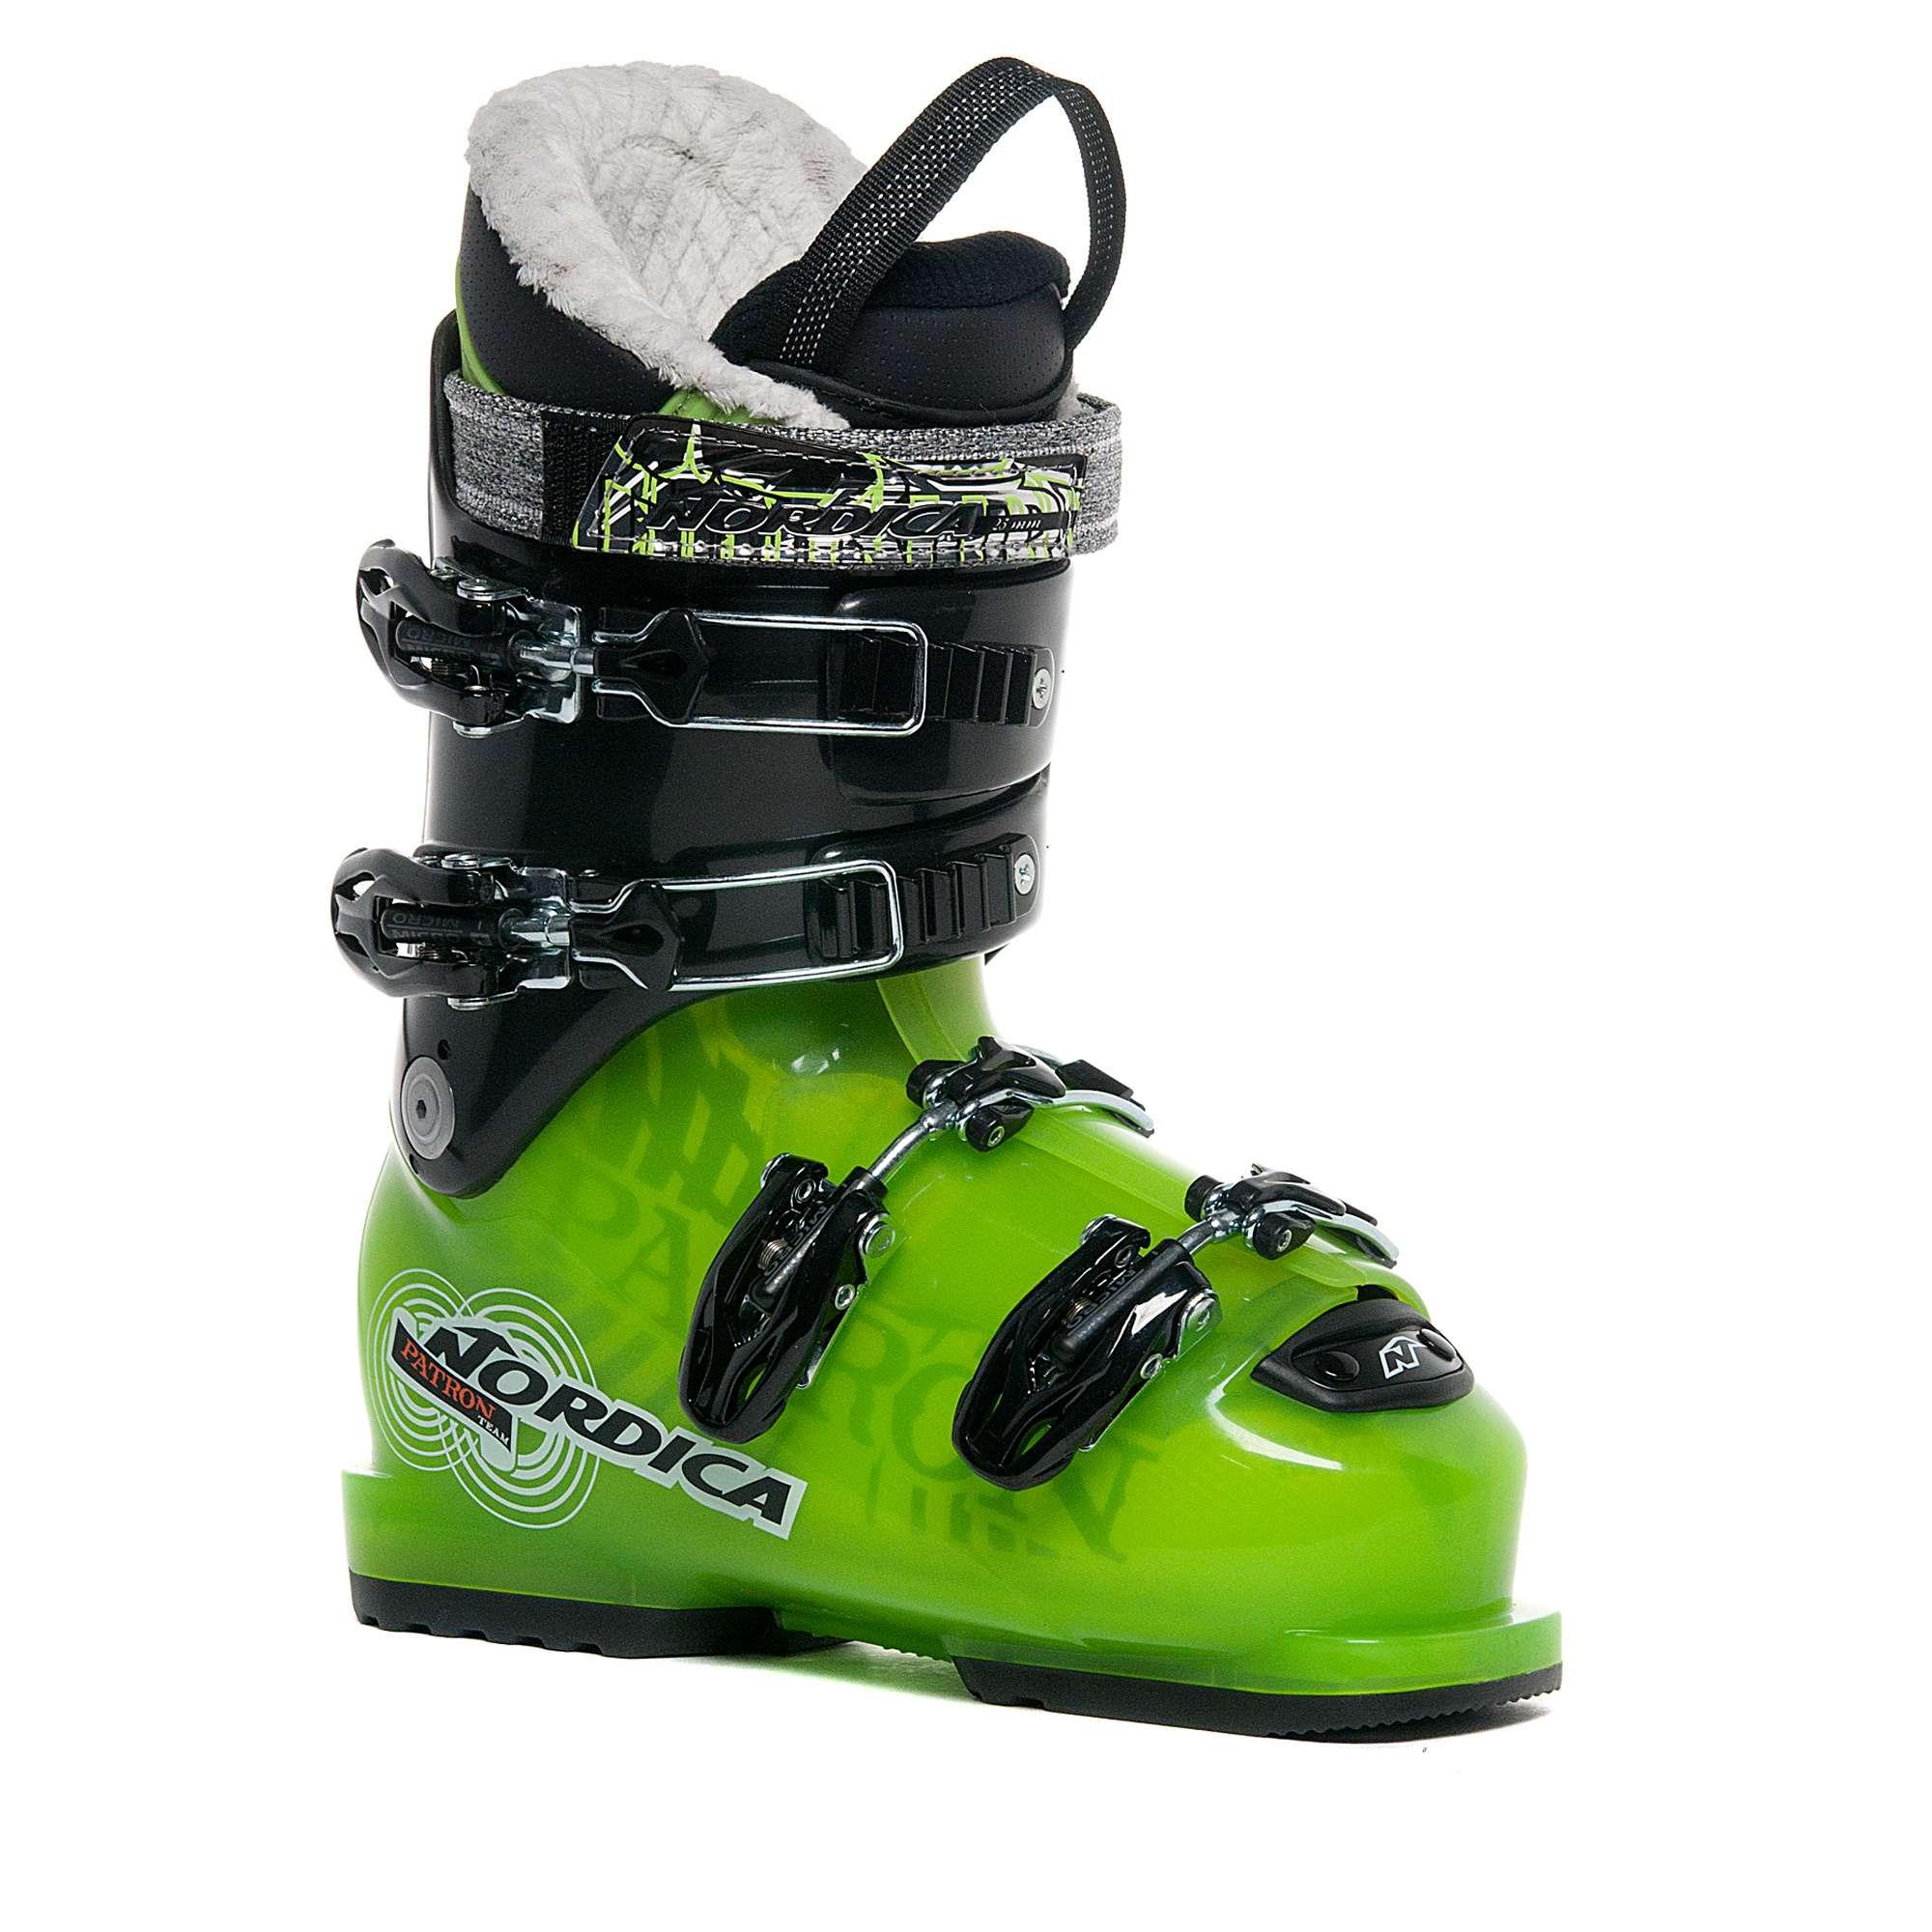 NORDICA Patron Team Ski Boots